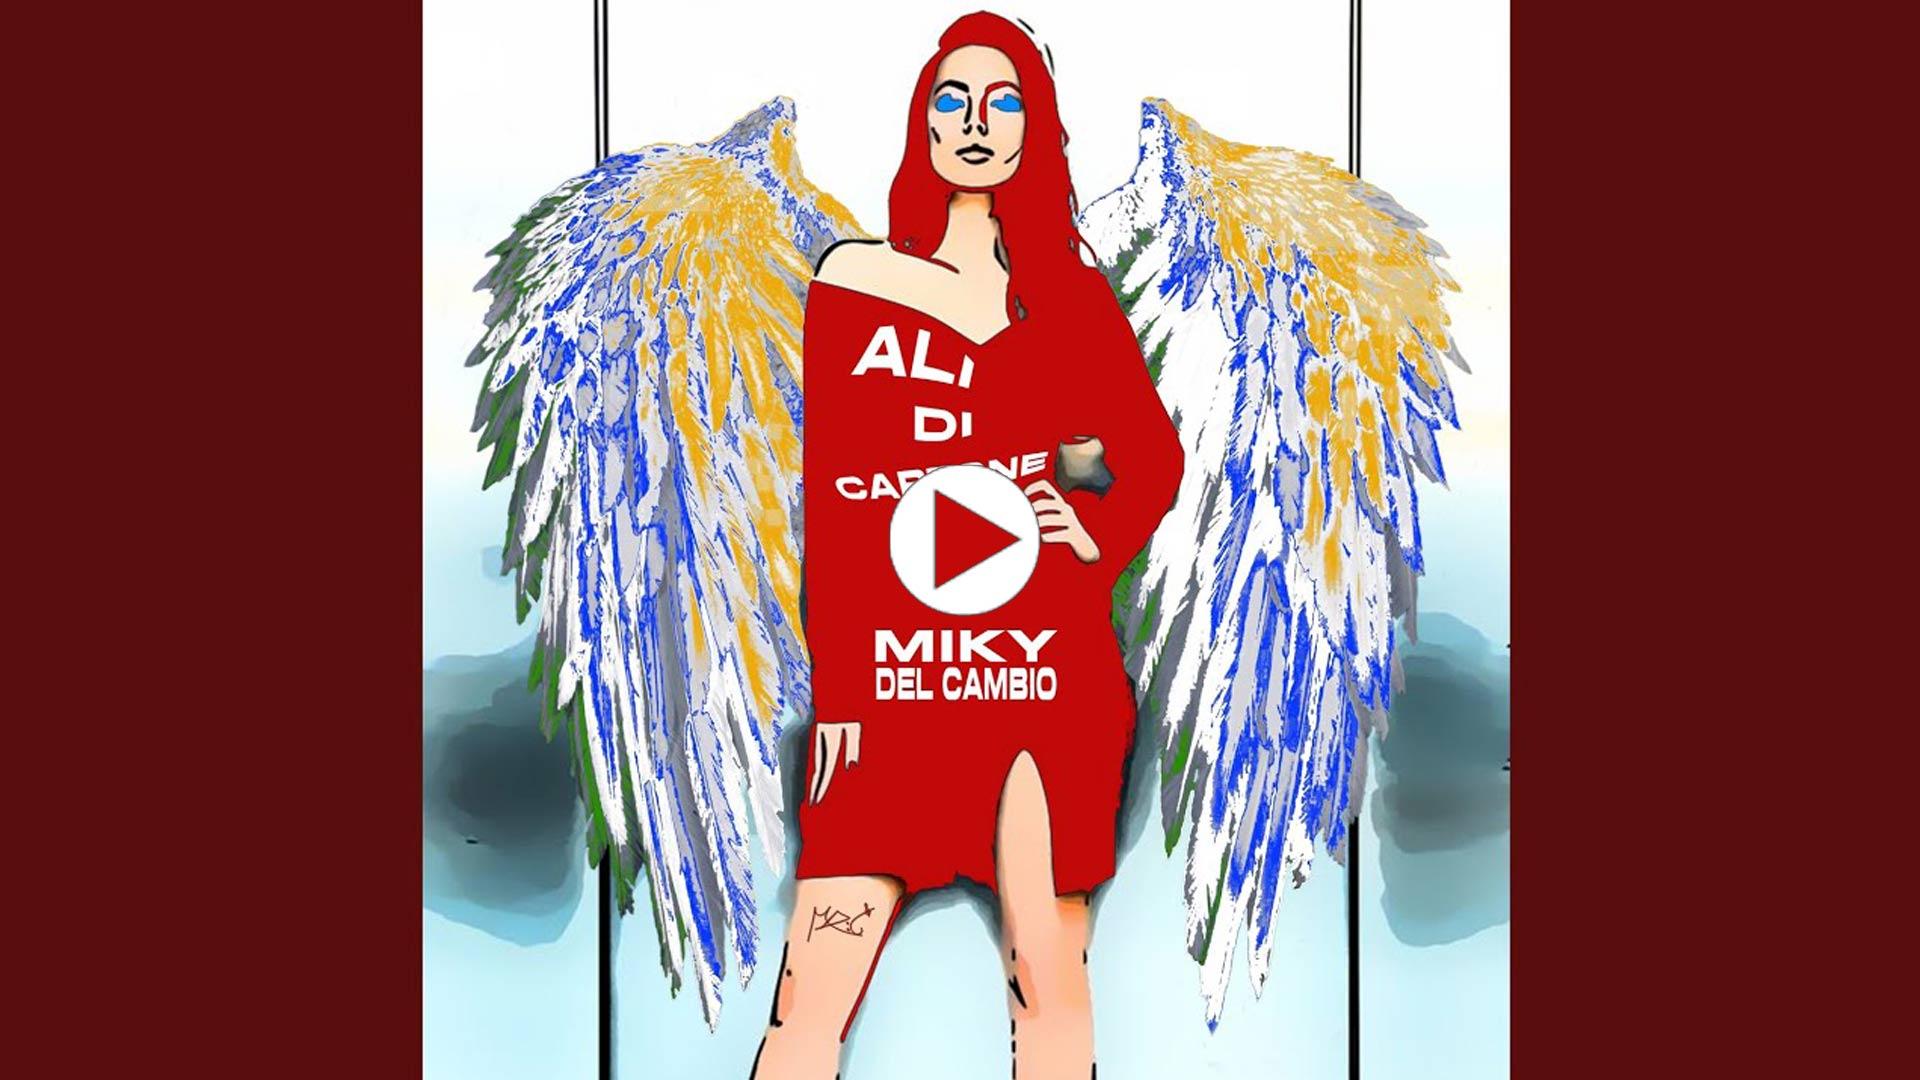 Ali di cartone - Miki Del Cambio - youtube